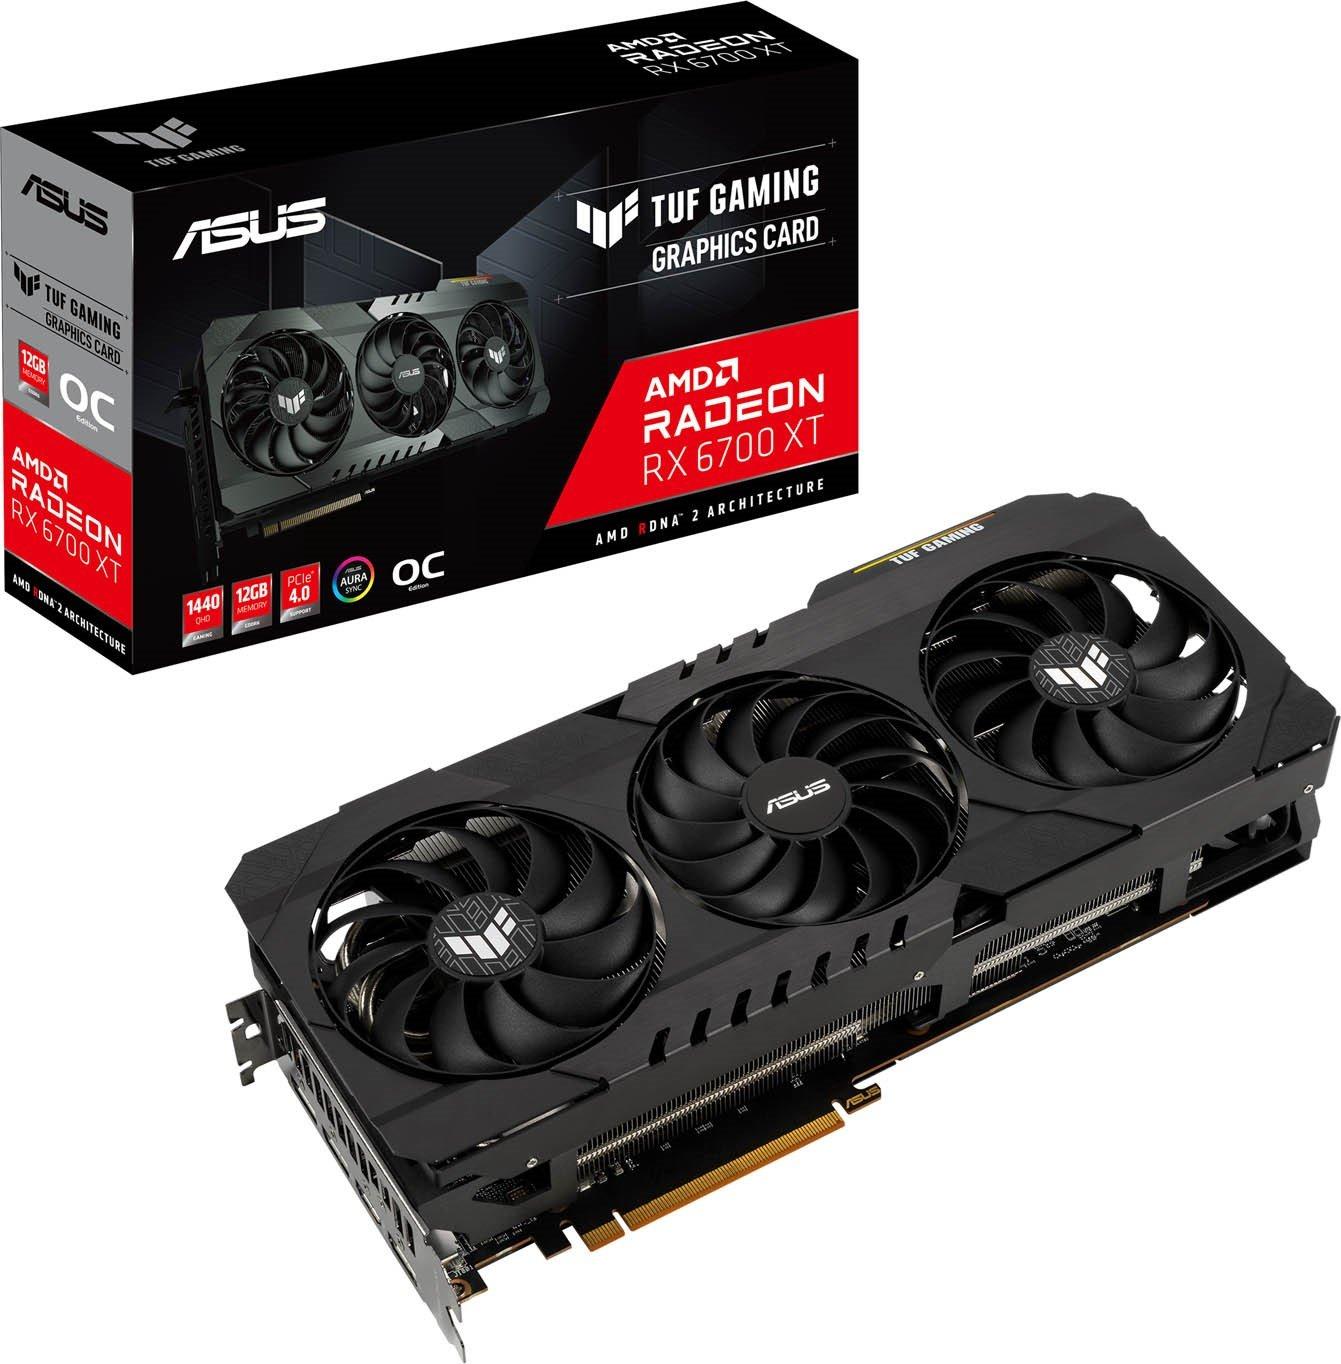 ASUS Radeon RX 6700 XT TUF 12GB OC GPU £849.99 at CCLOnline